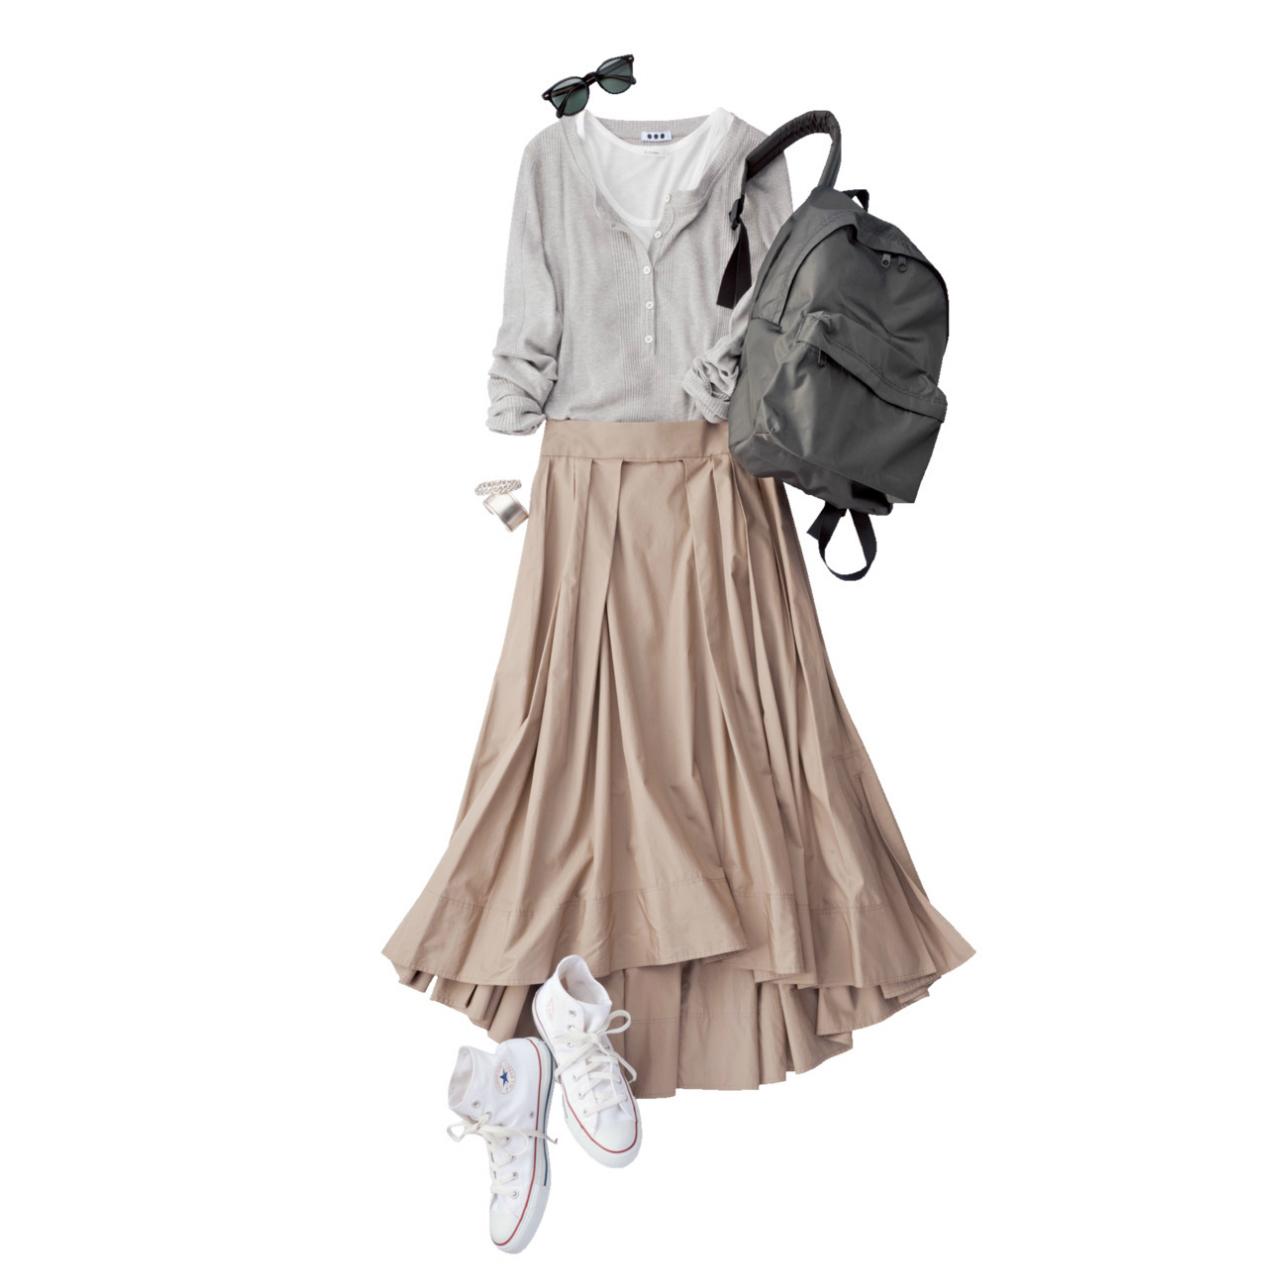 白コンバースのハイカットスニーカー×フレアスカート&リュックのファッションコーデ